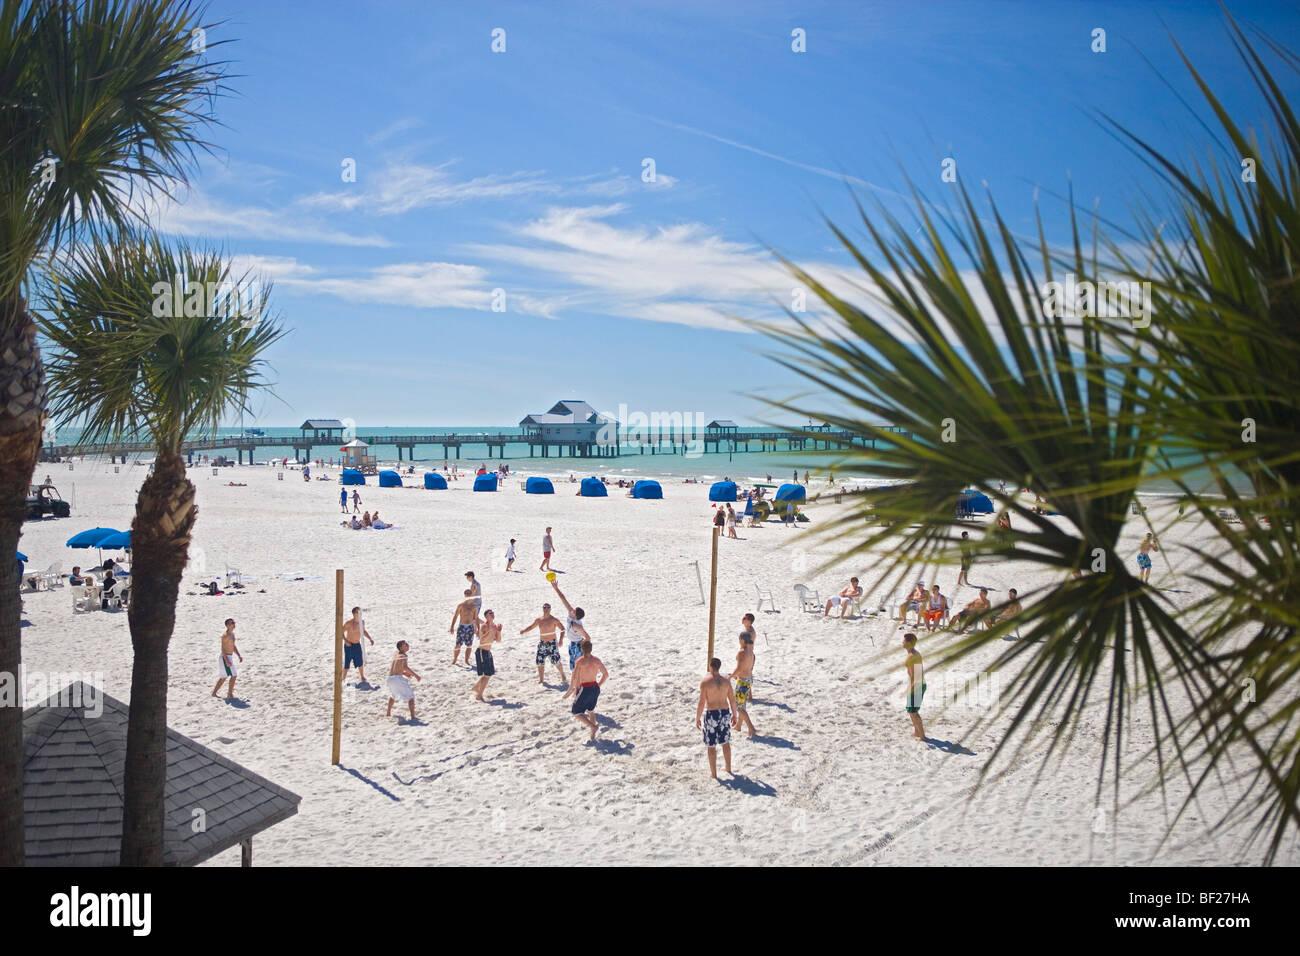 Pier  Restaurant Clearwater Beach Fl